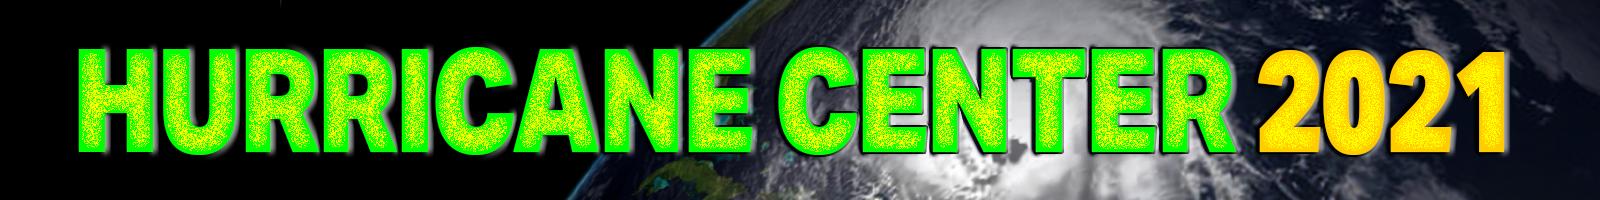 Hurricane Center 2021